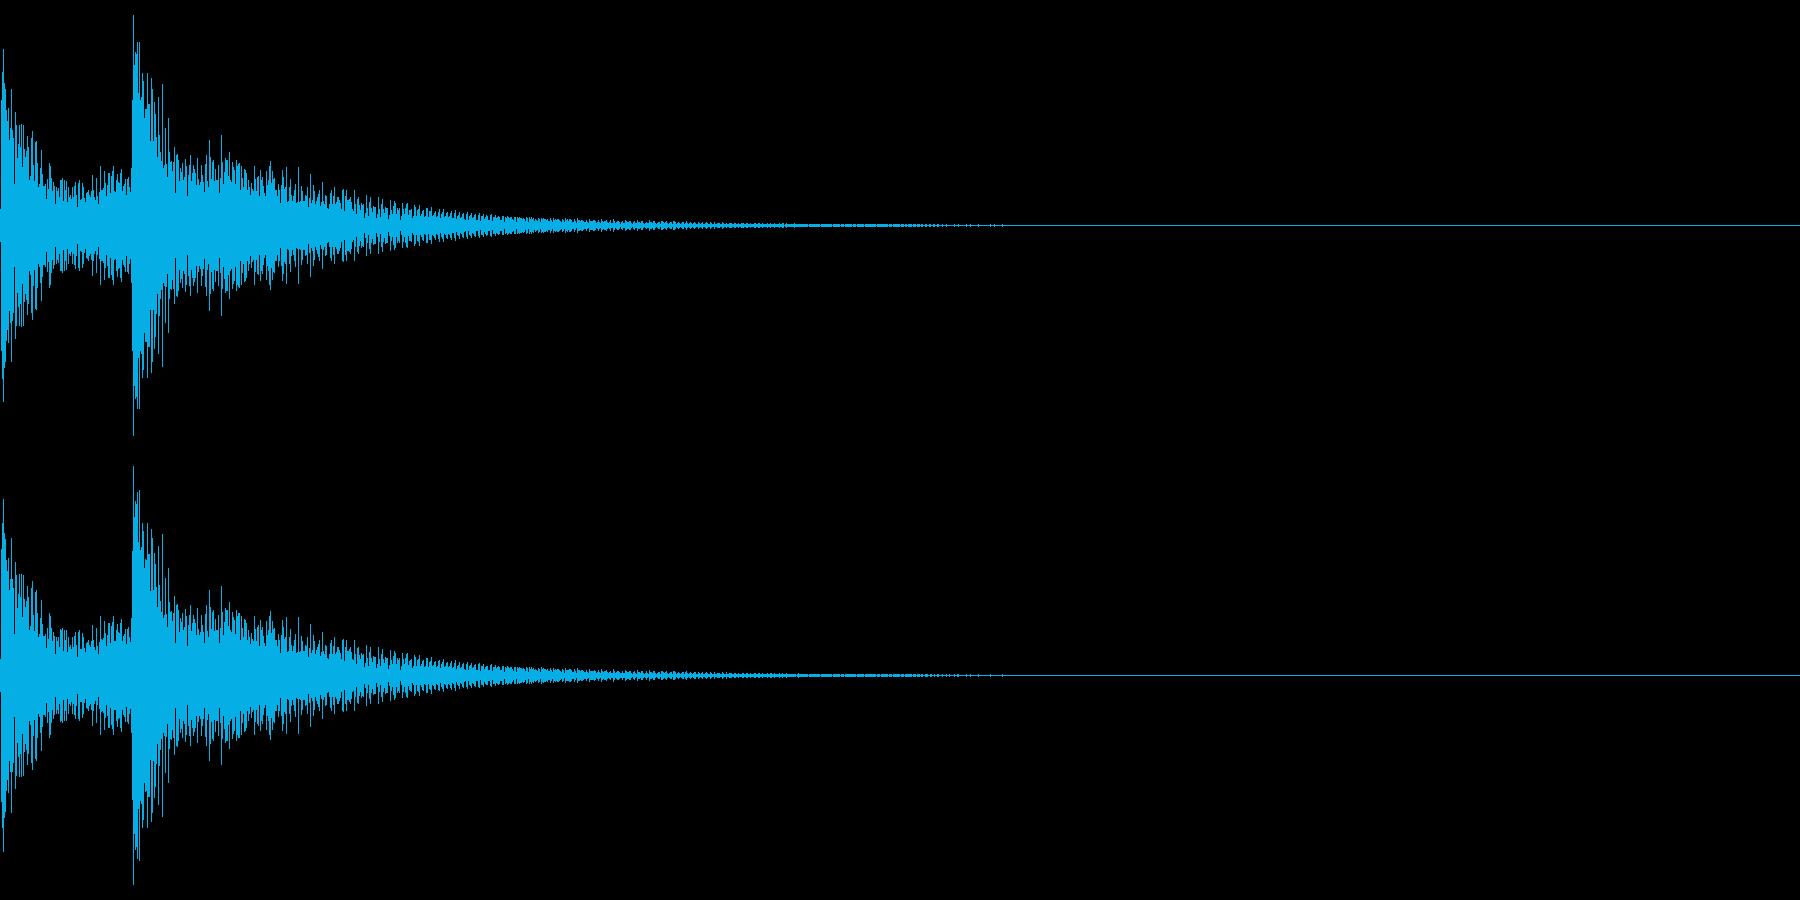 三味線フレーズ02(テロン)の再生済みの波形